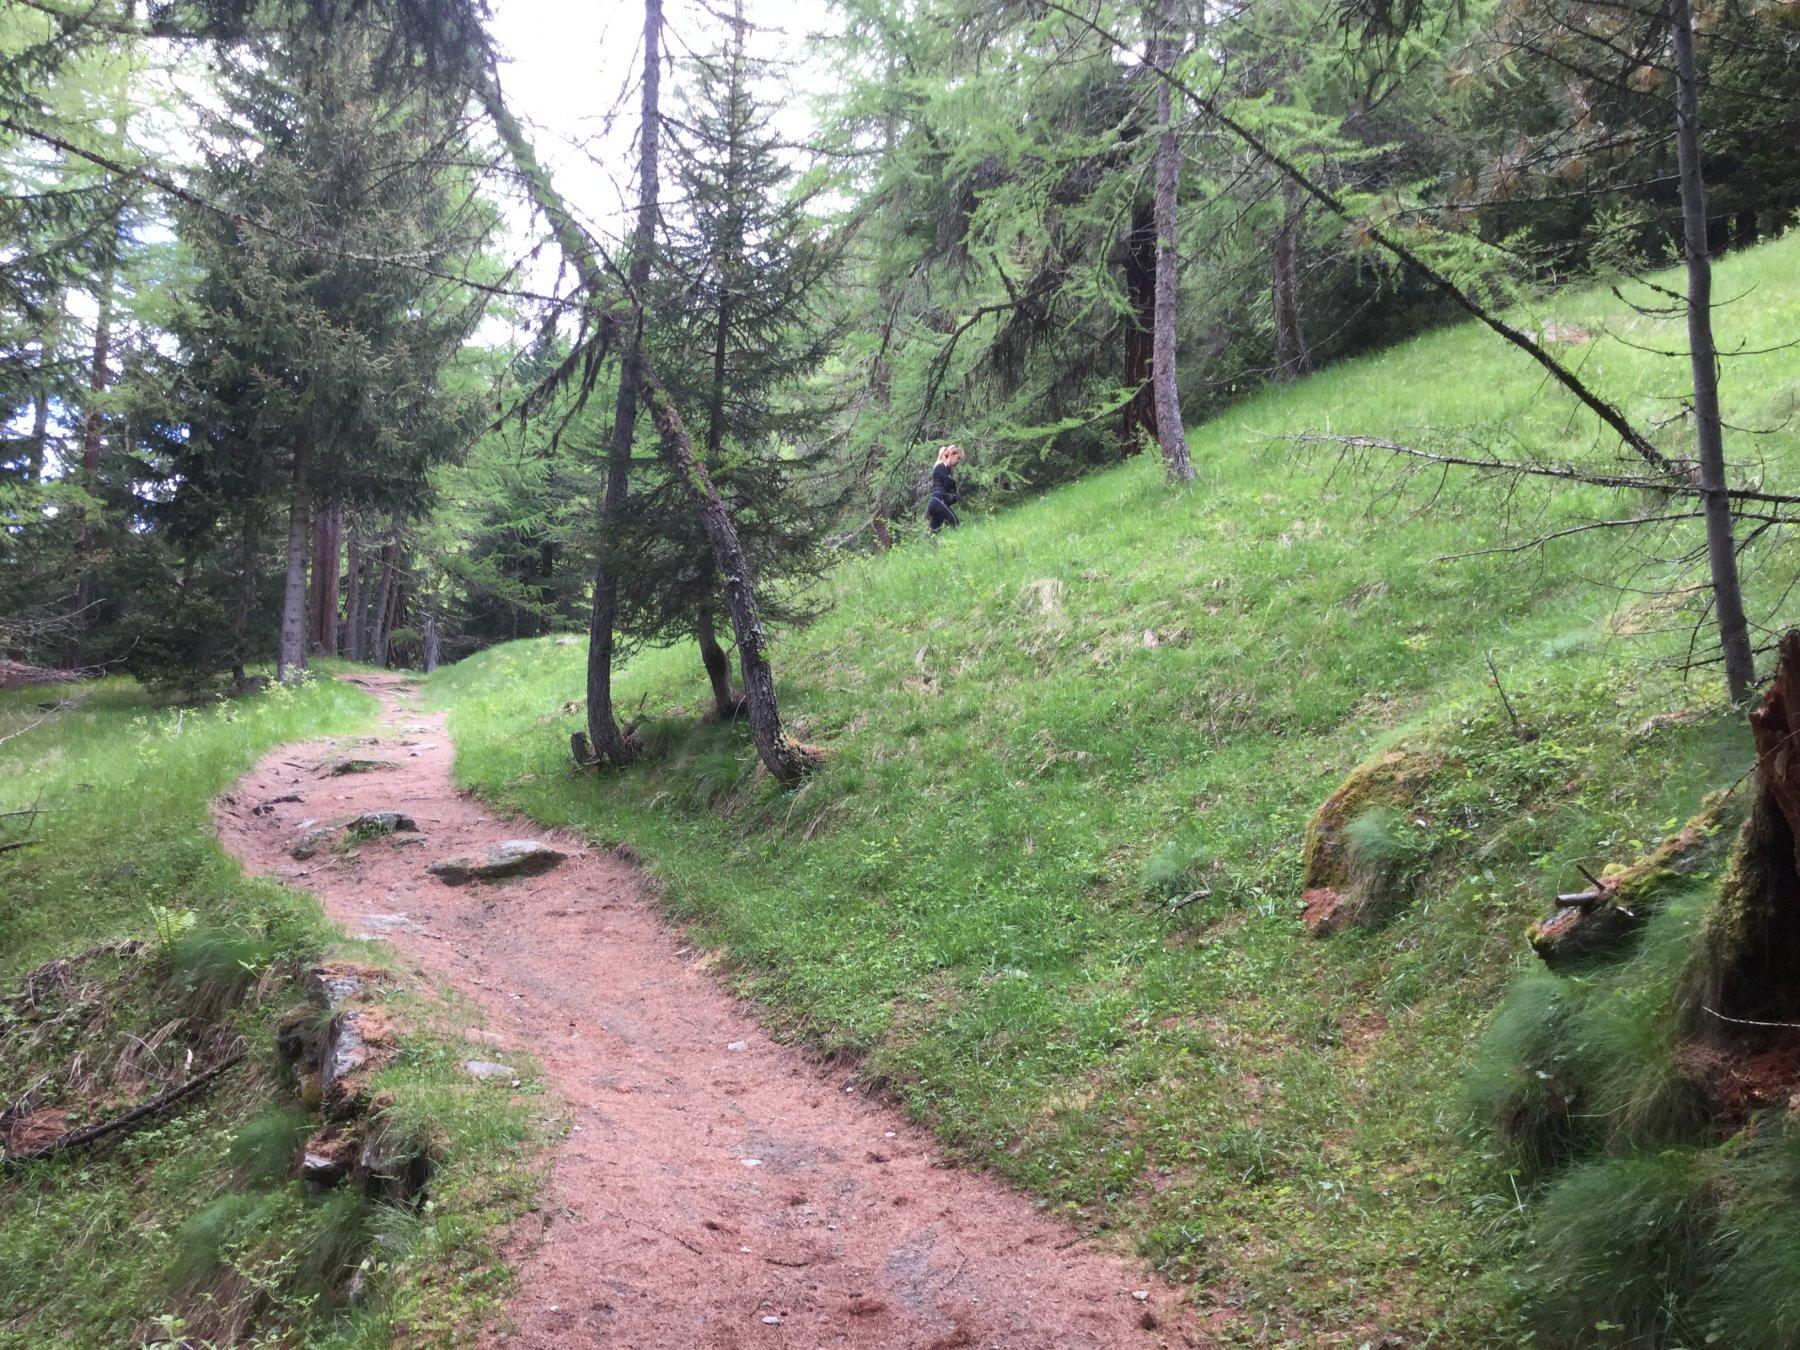 Bel sentiero